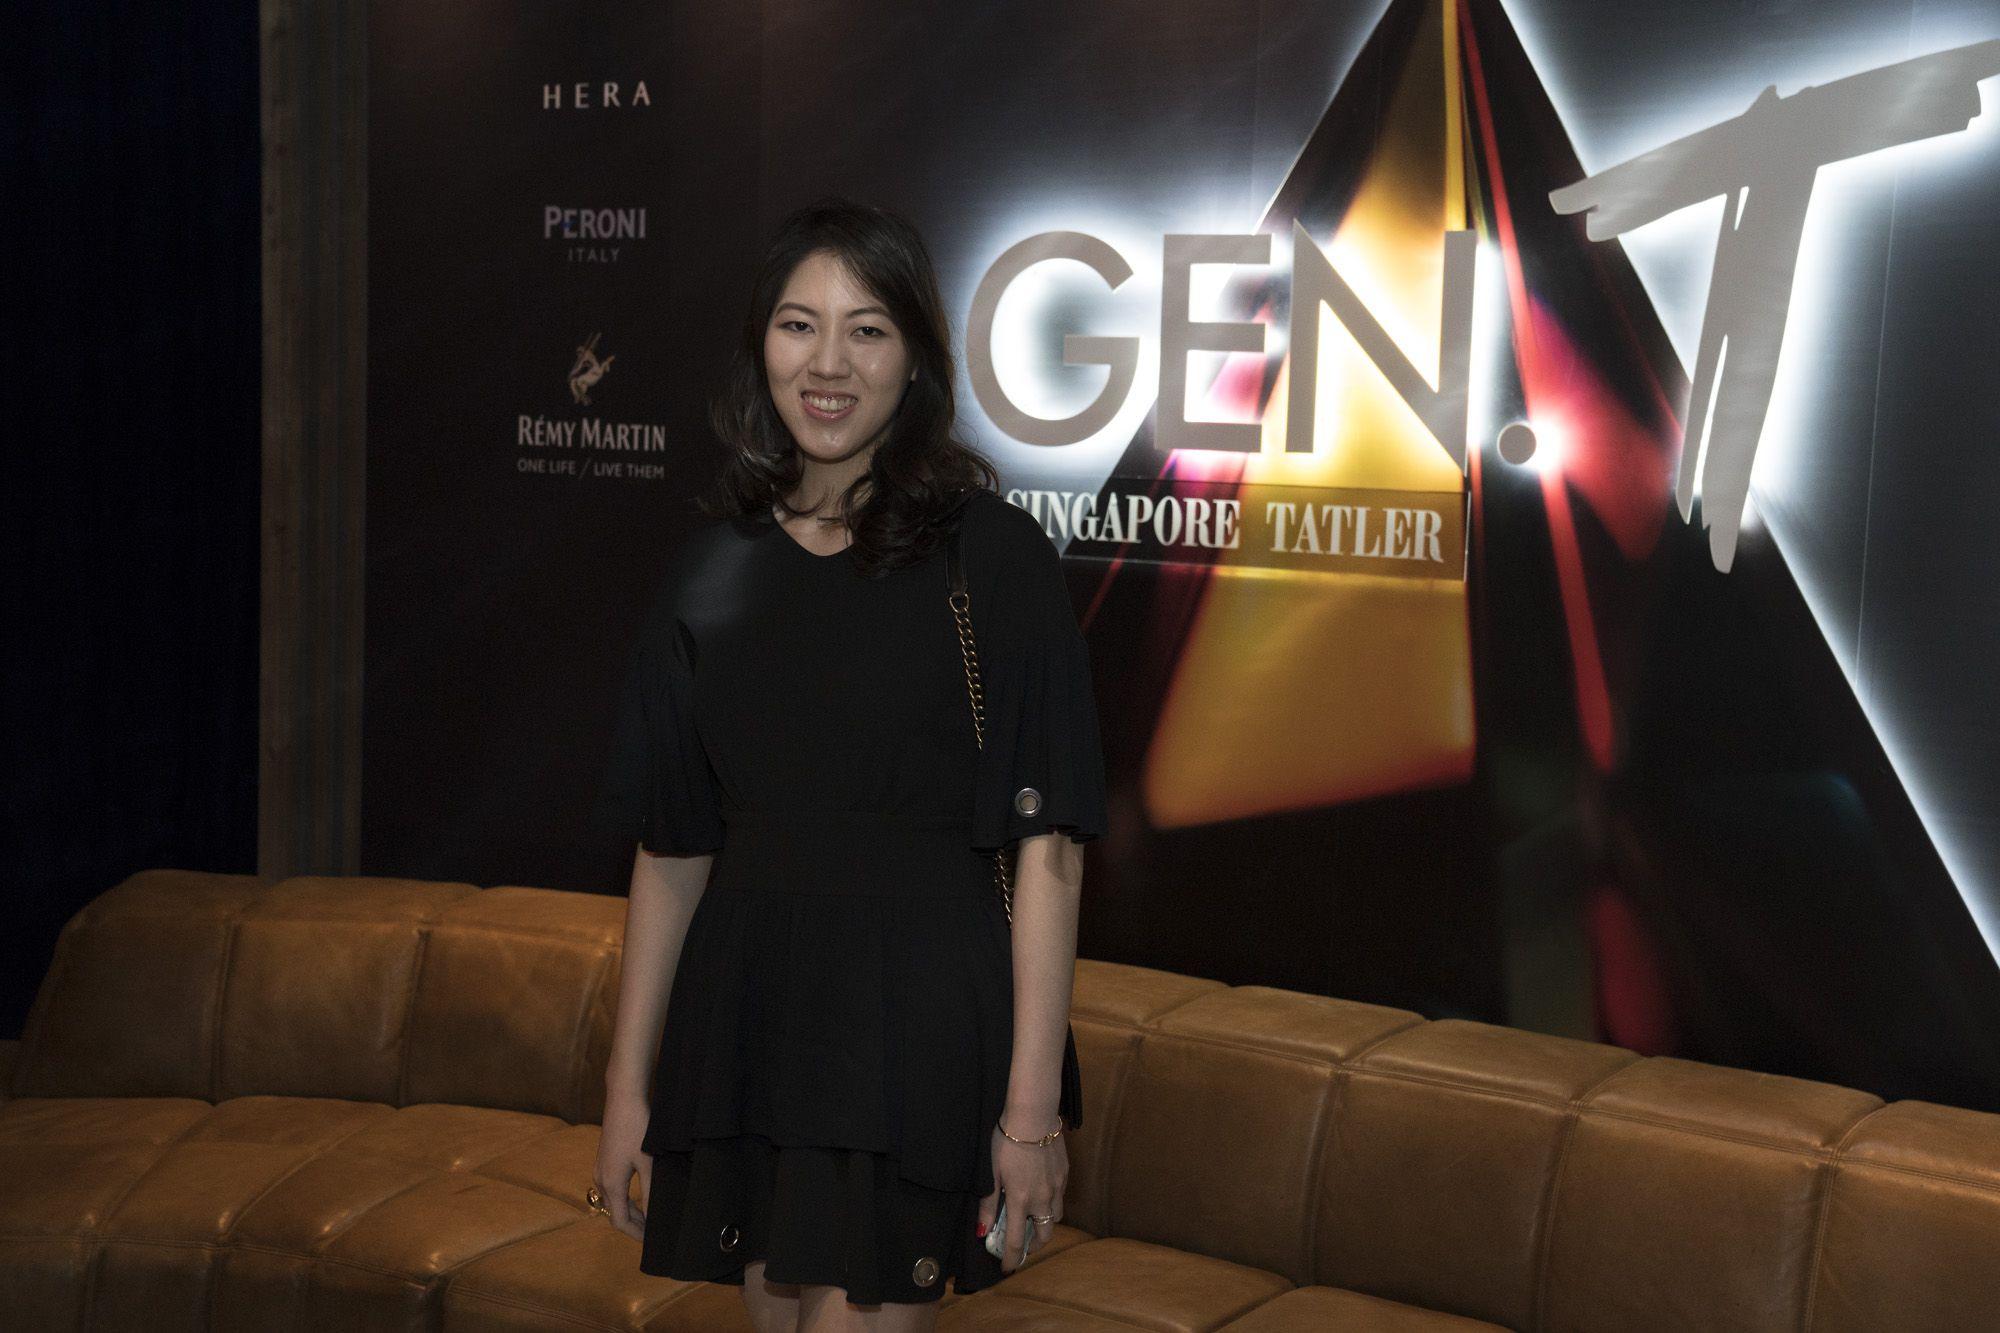 Zeena Tan